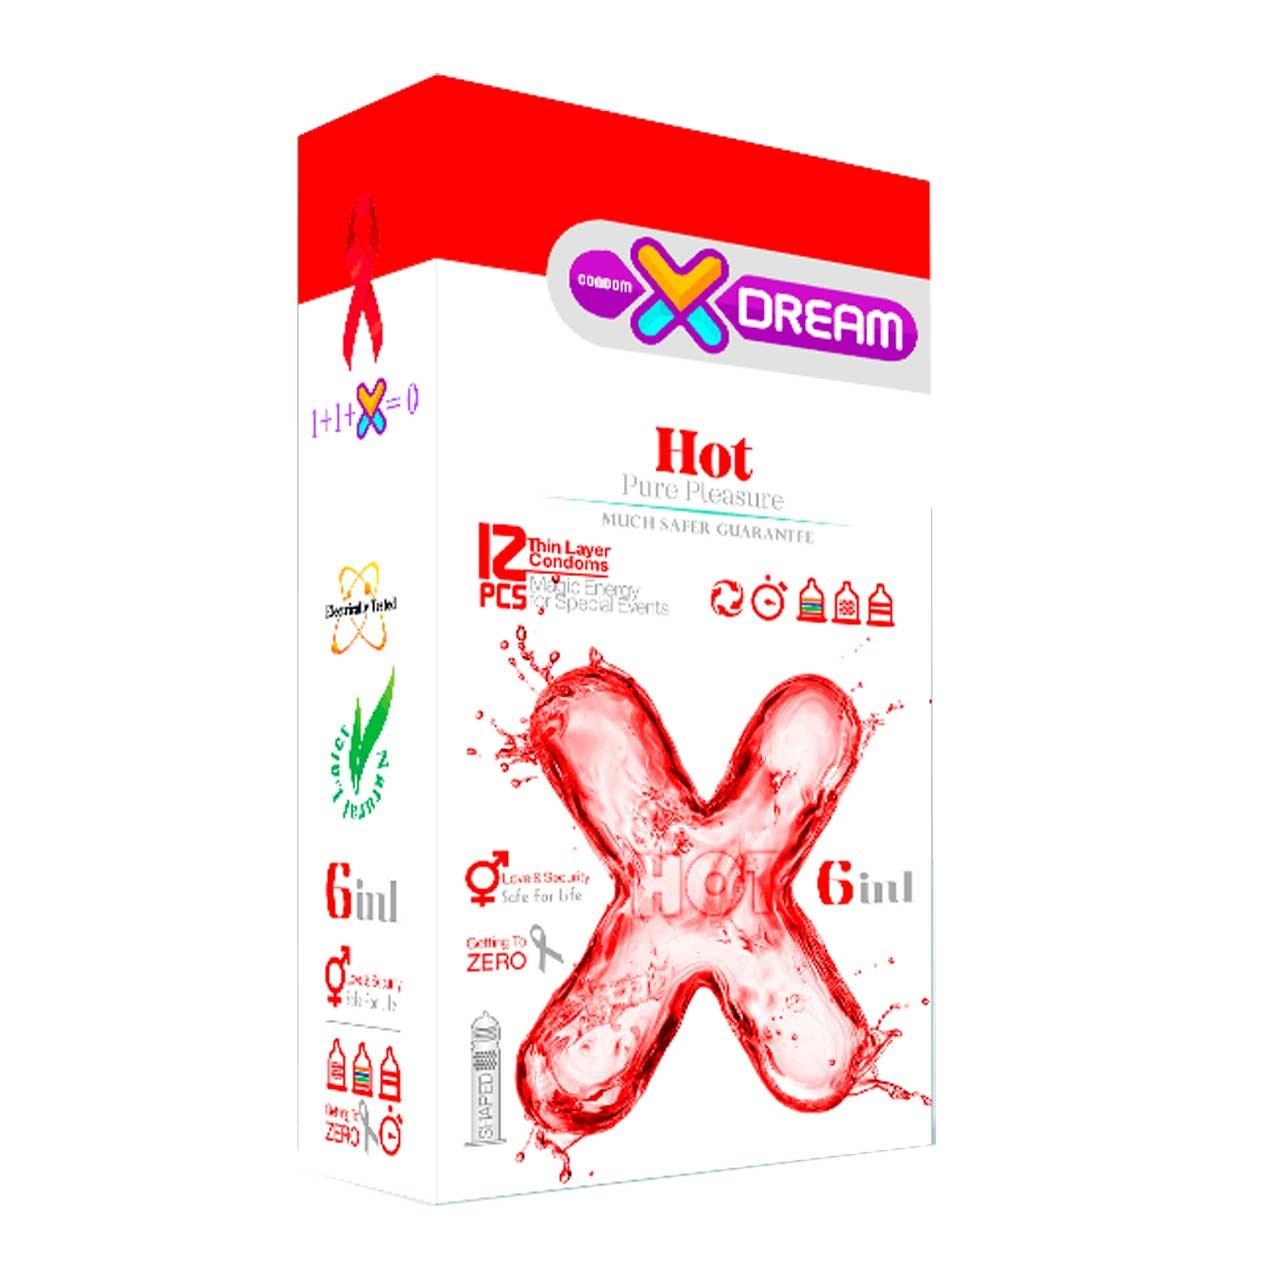 قیمت کاندوم ایکس دریم مدلhot 6 in 1 بسته 12 عددی